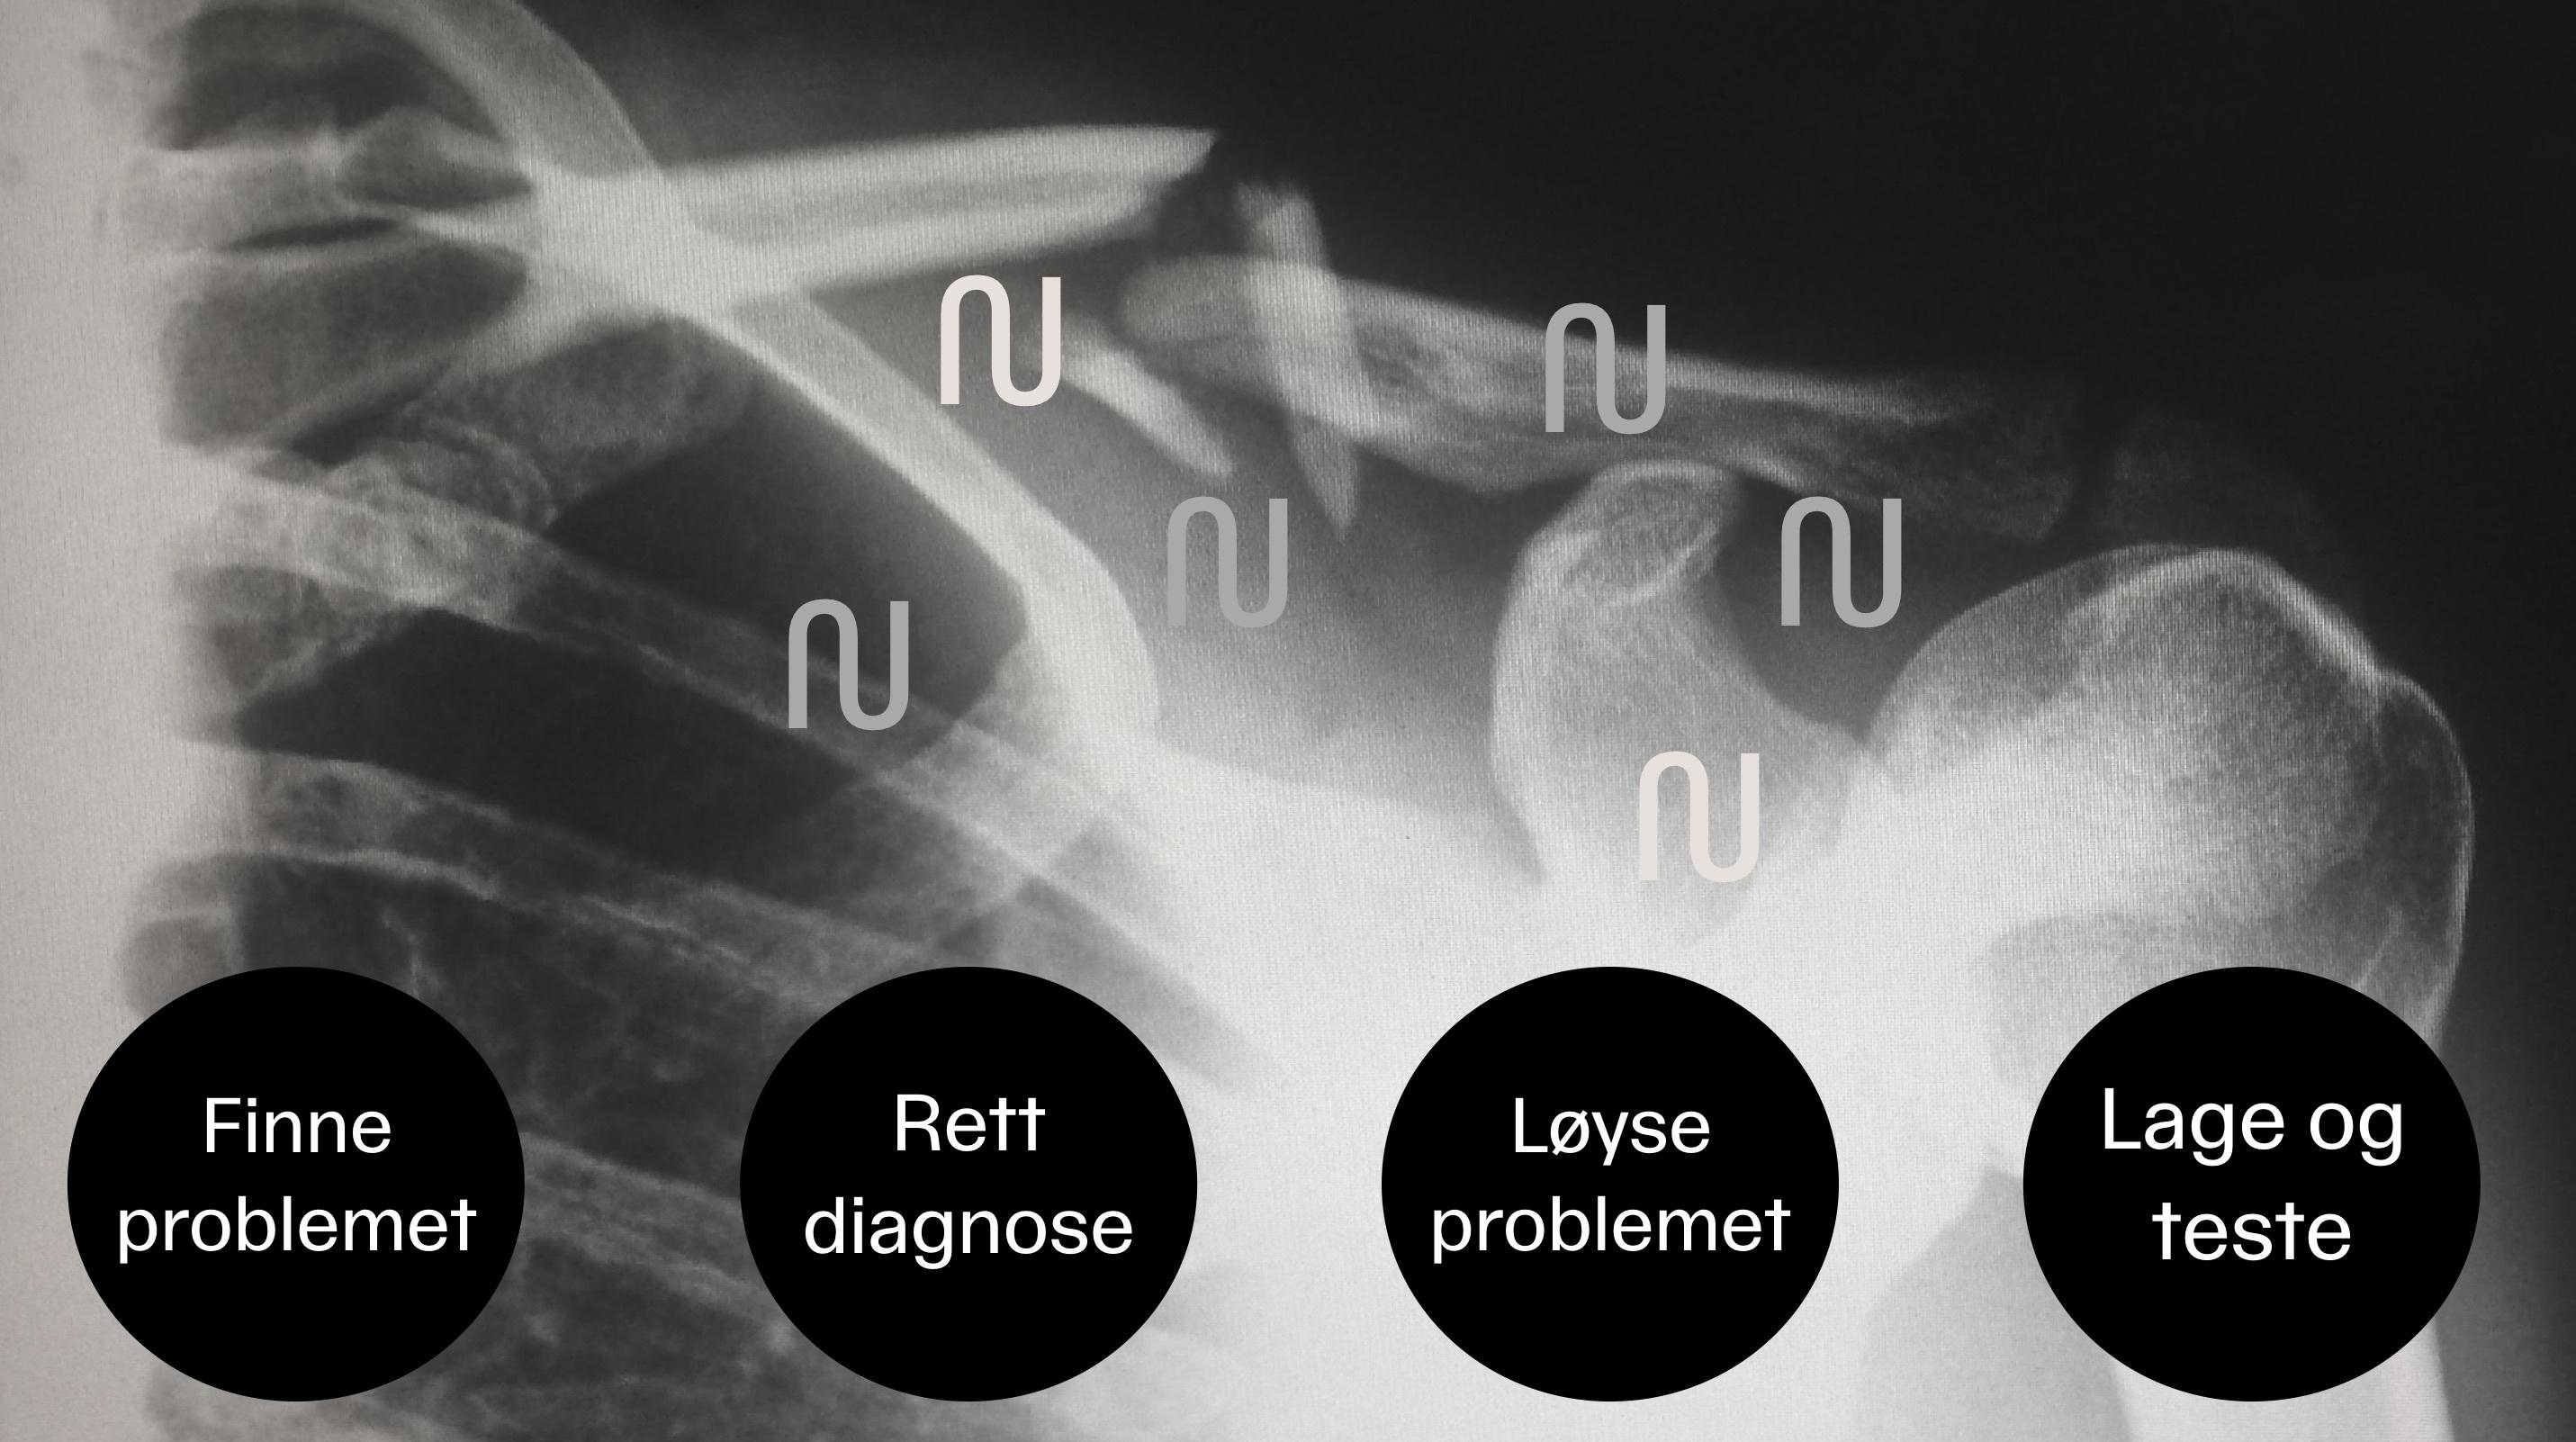 Illustrasjonsfoto røntgen med tekst i fire sirkler: Finne problemet. Rett diagnose. Løyse problemet. Lage og teste.